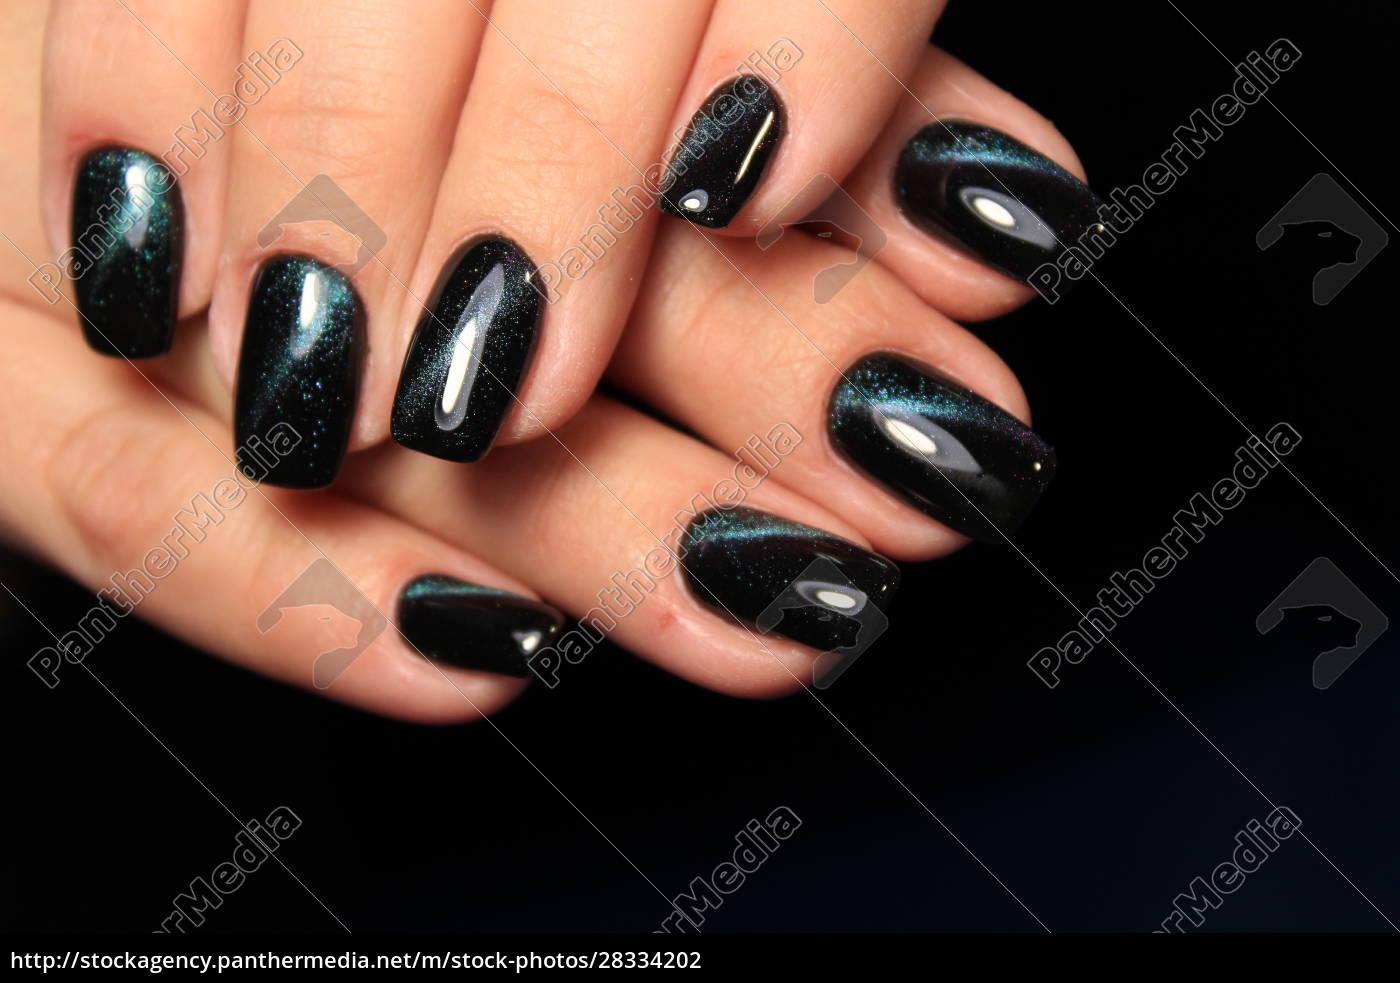 stylish, black, manicure, on, long, beautiful - 28334202